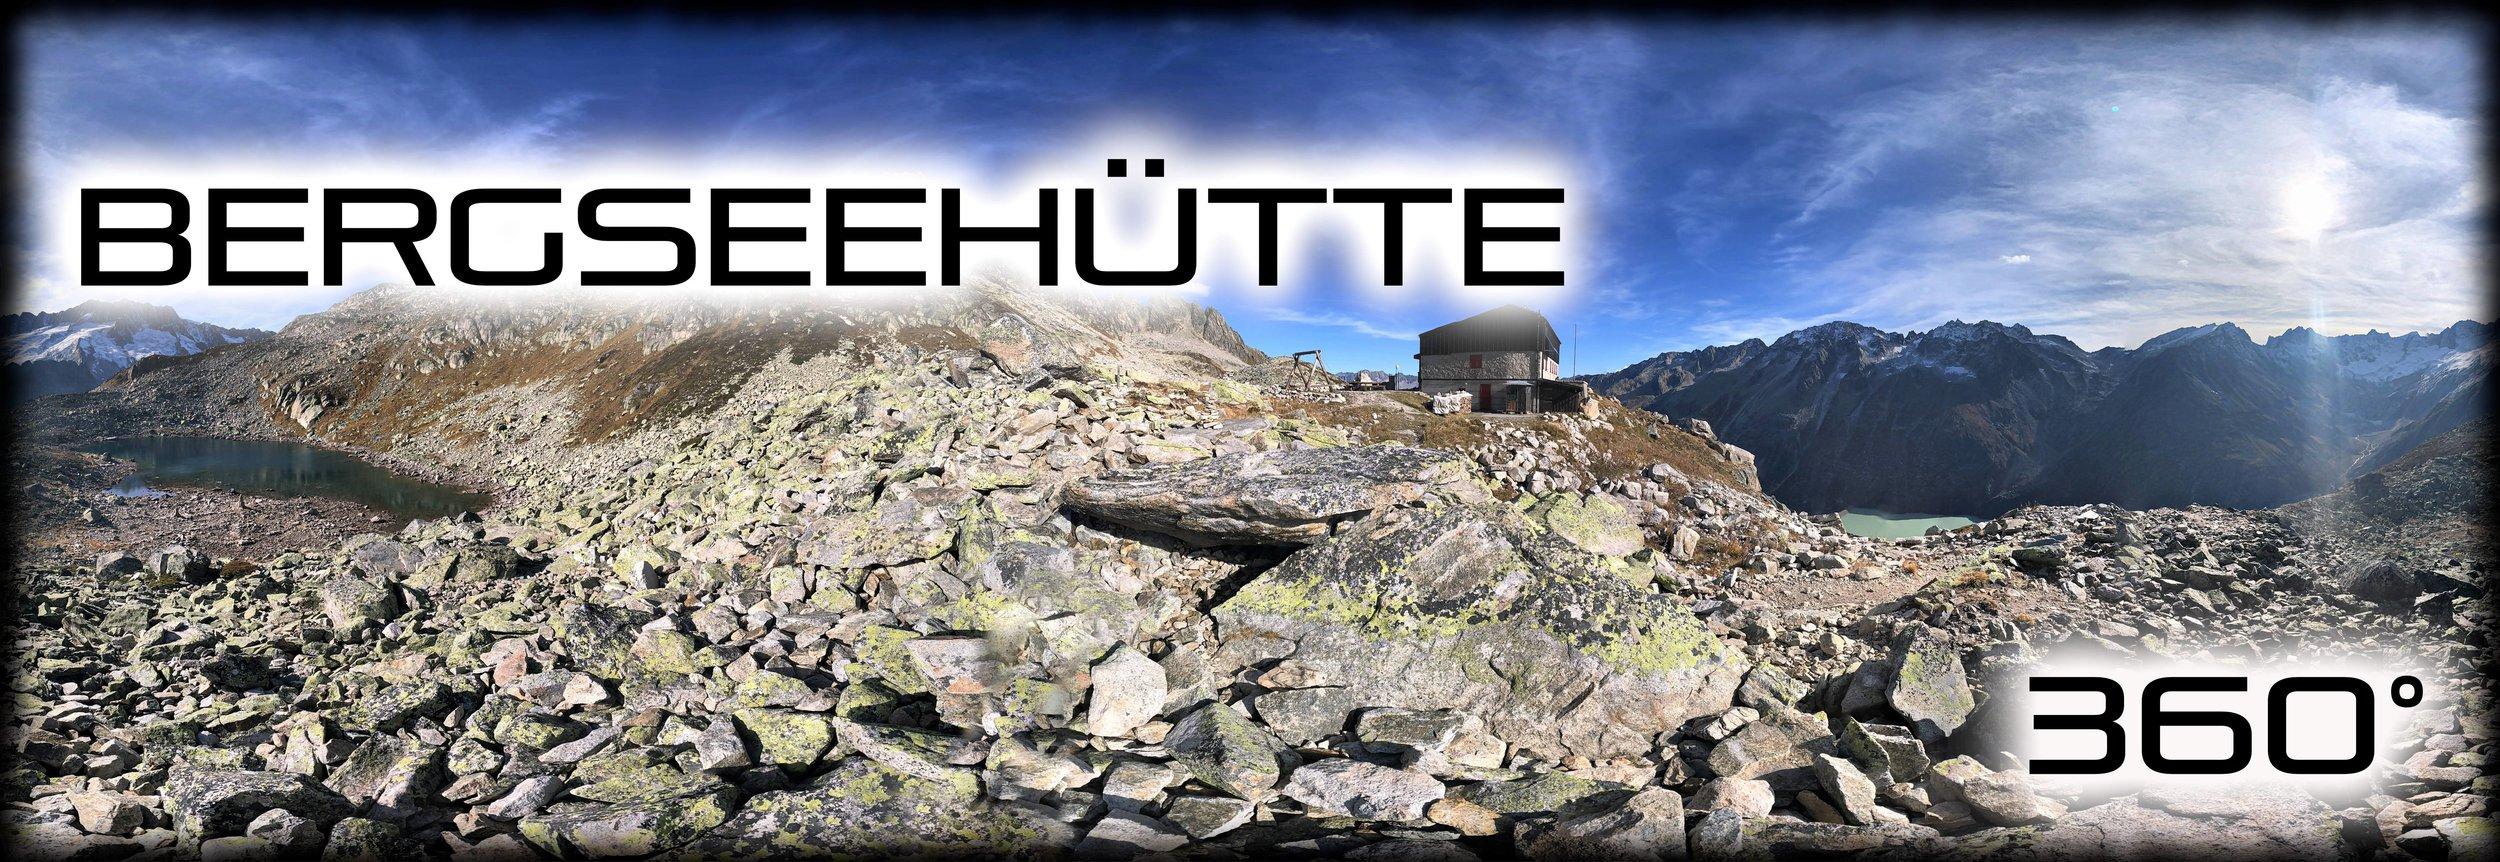 Bergseehütte 360° Wanderung